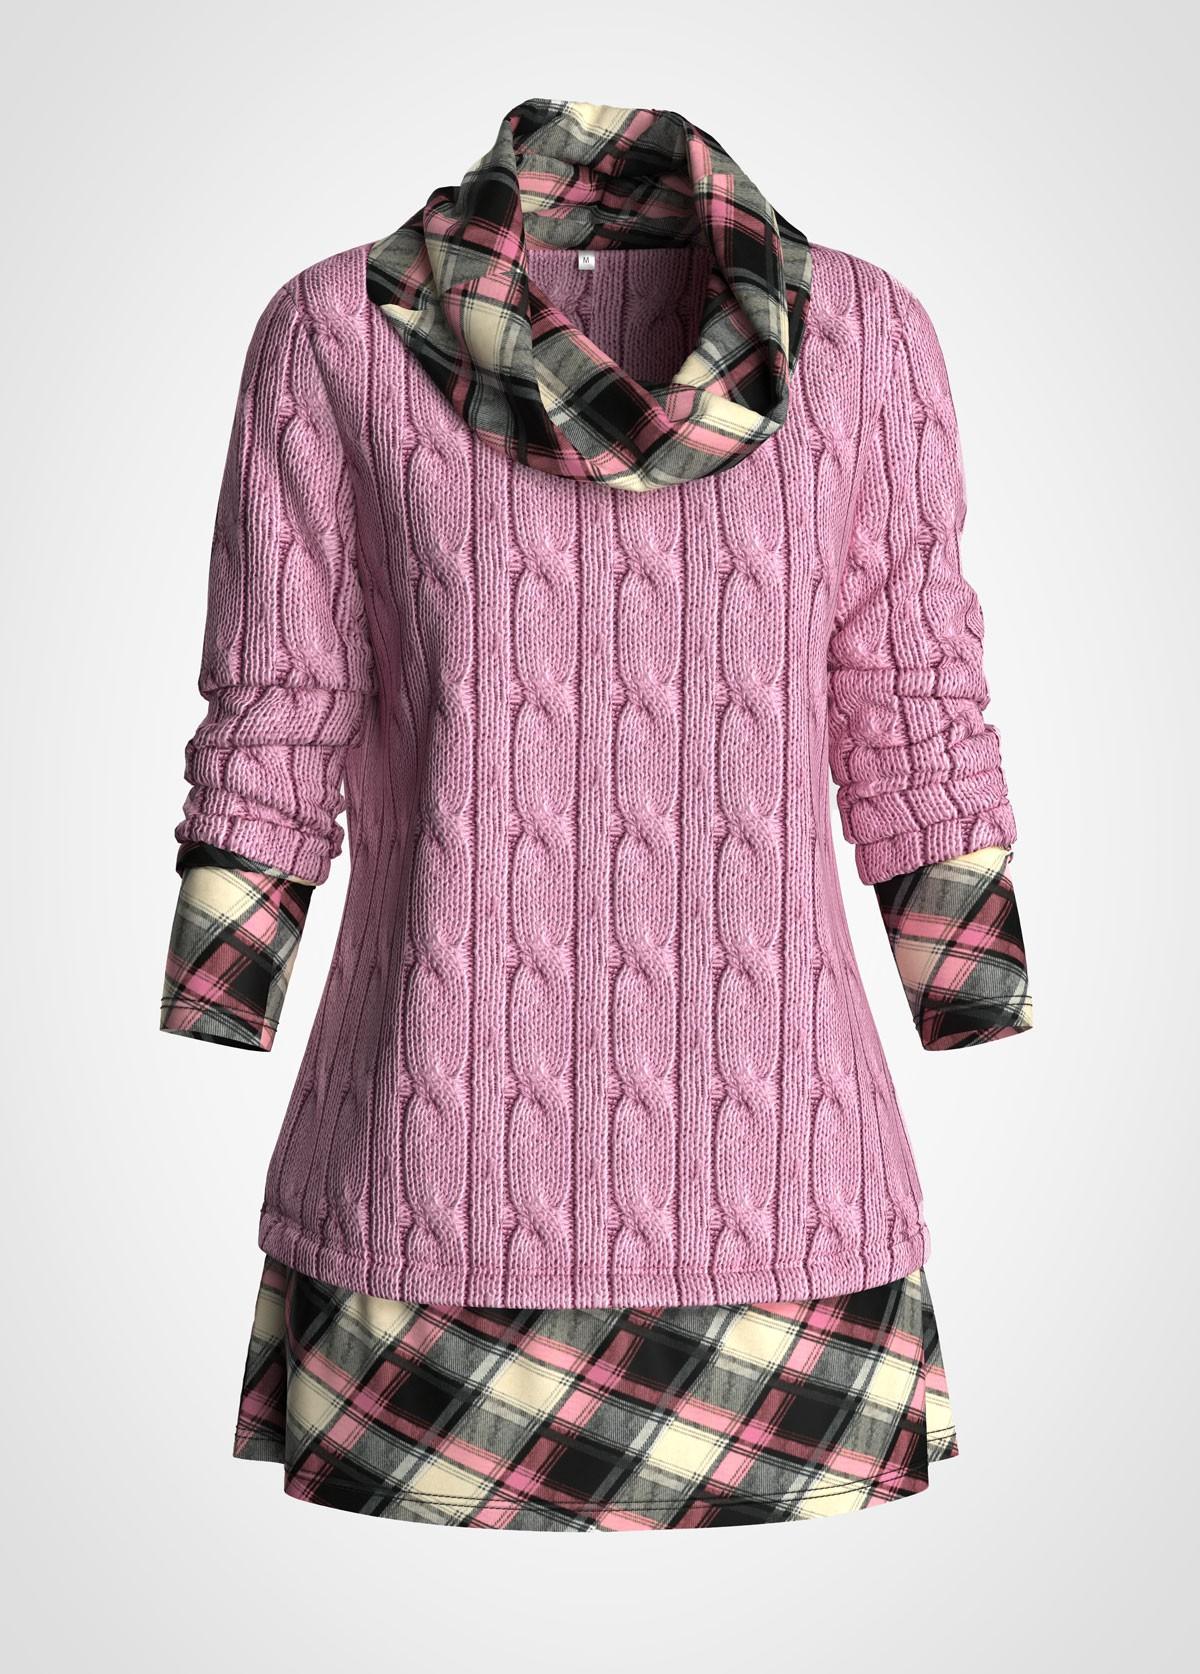 Plus Size Plaid Print Cowl Neck Cable Knit Sweater